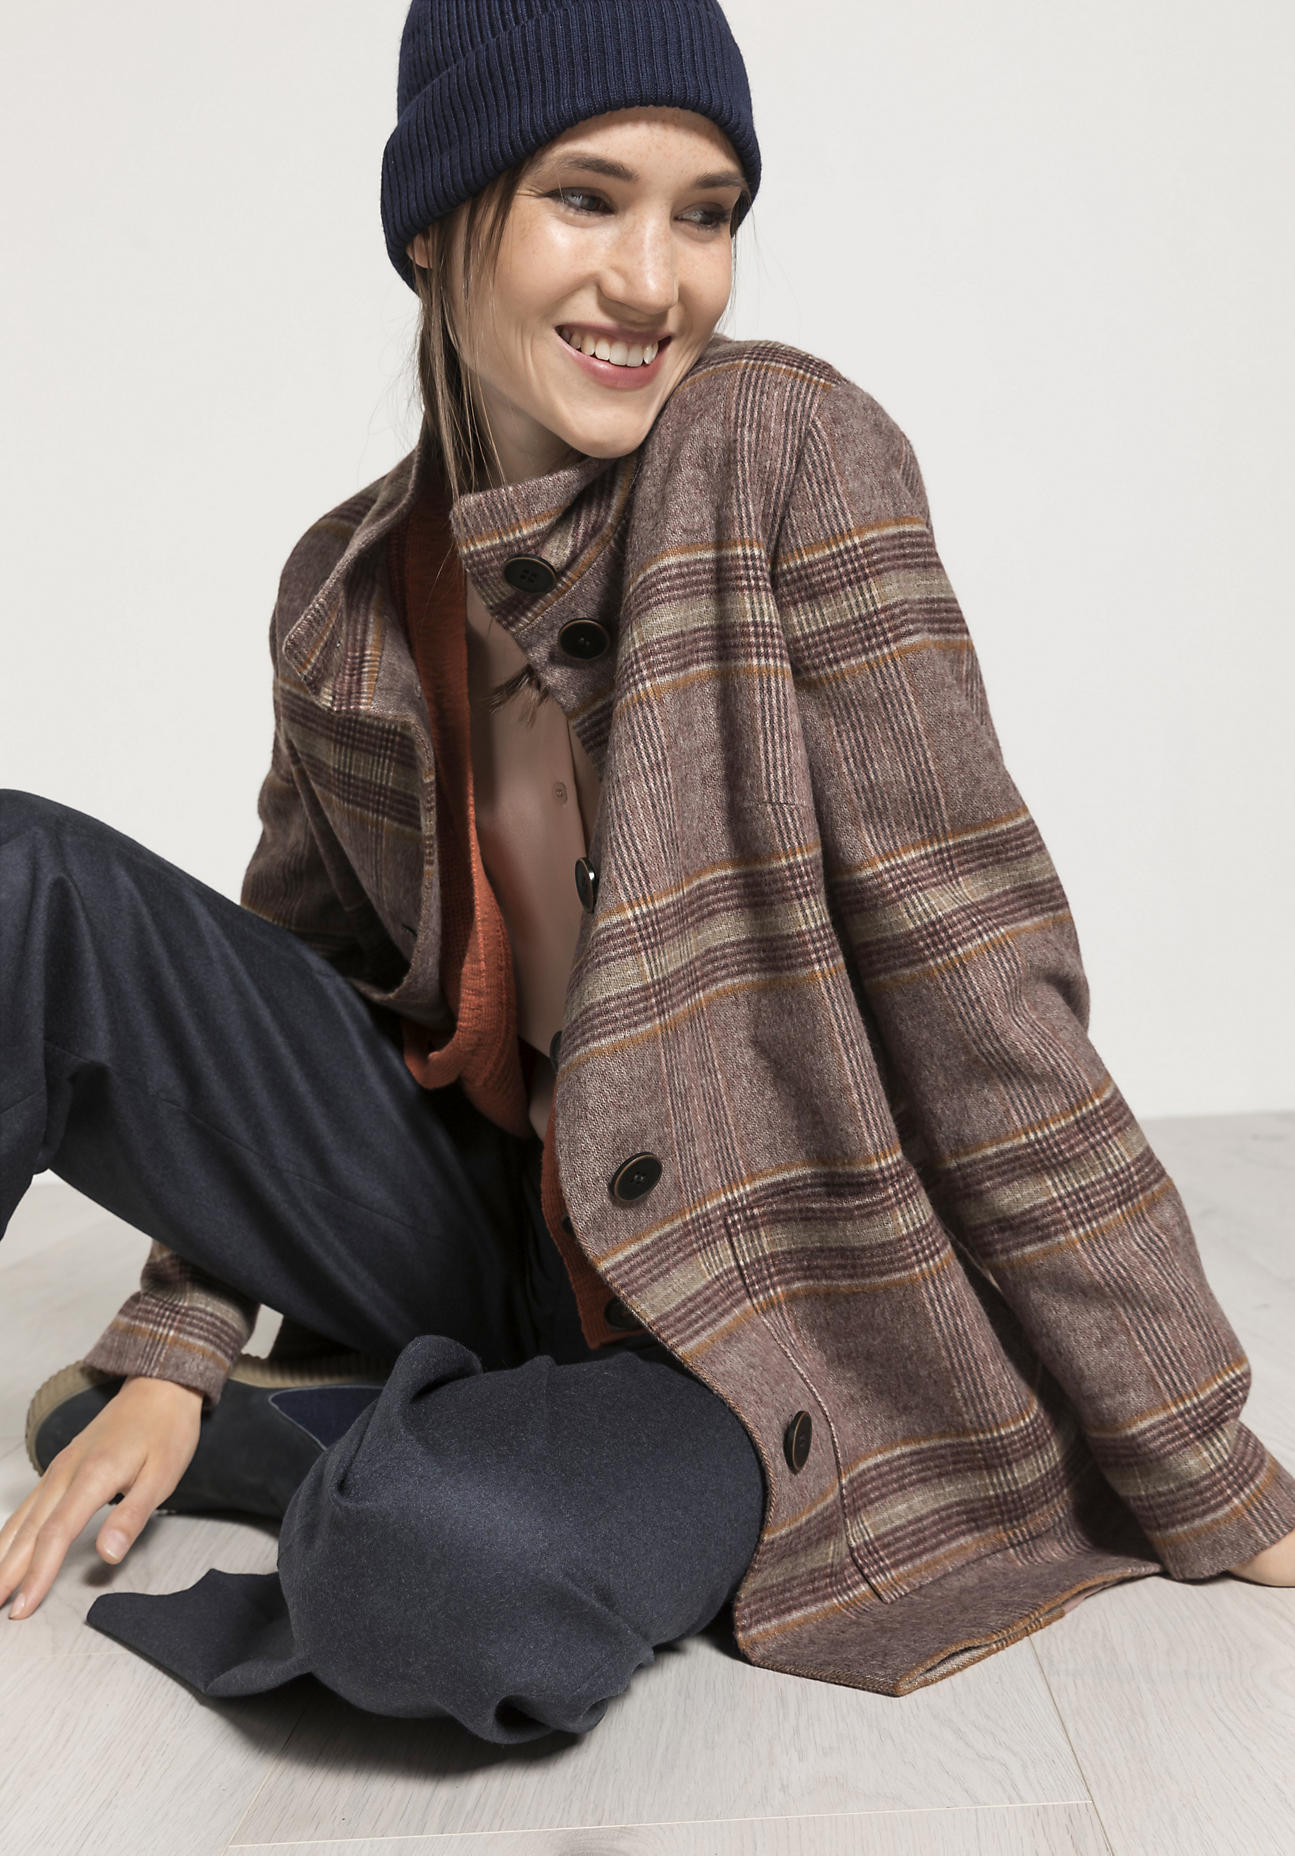 hessnatur Damen Karo-Jacke aus Schurwolle - grau Größe 36